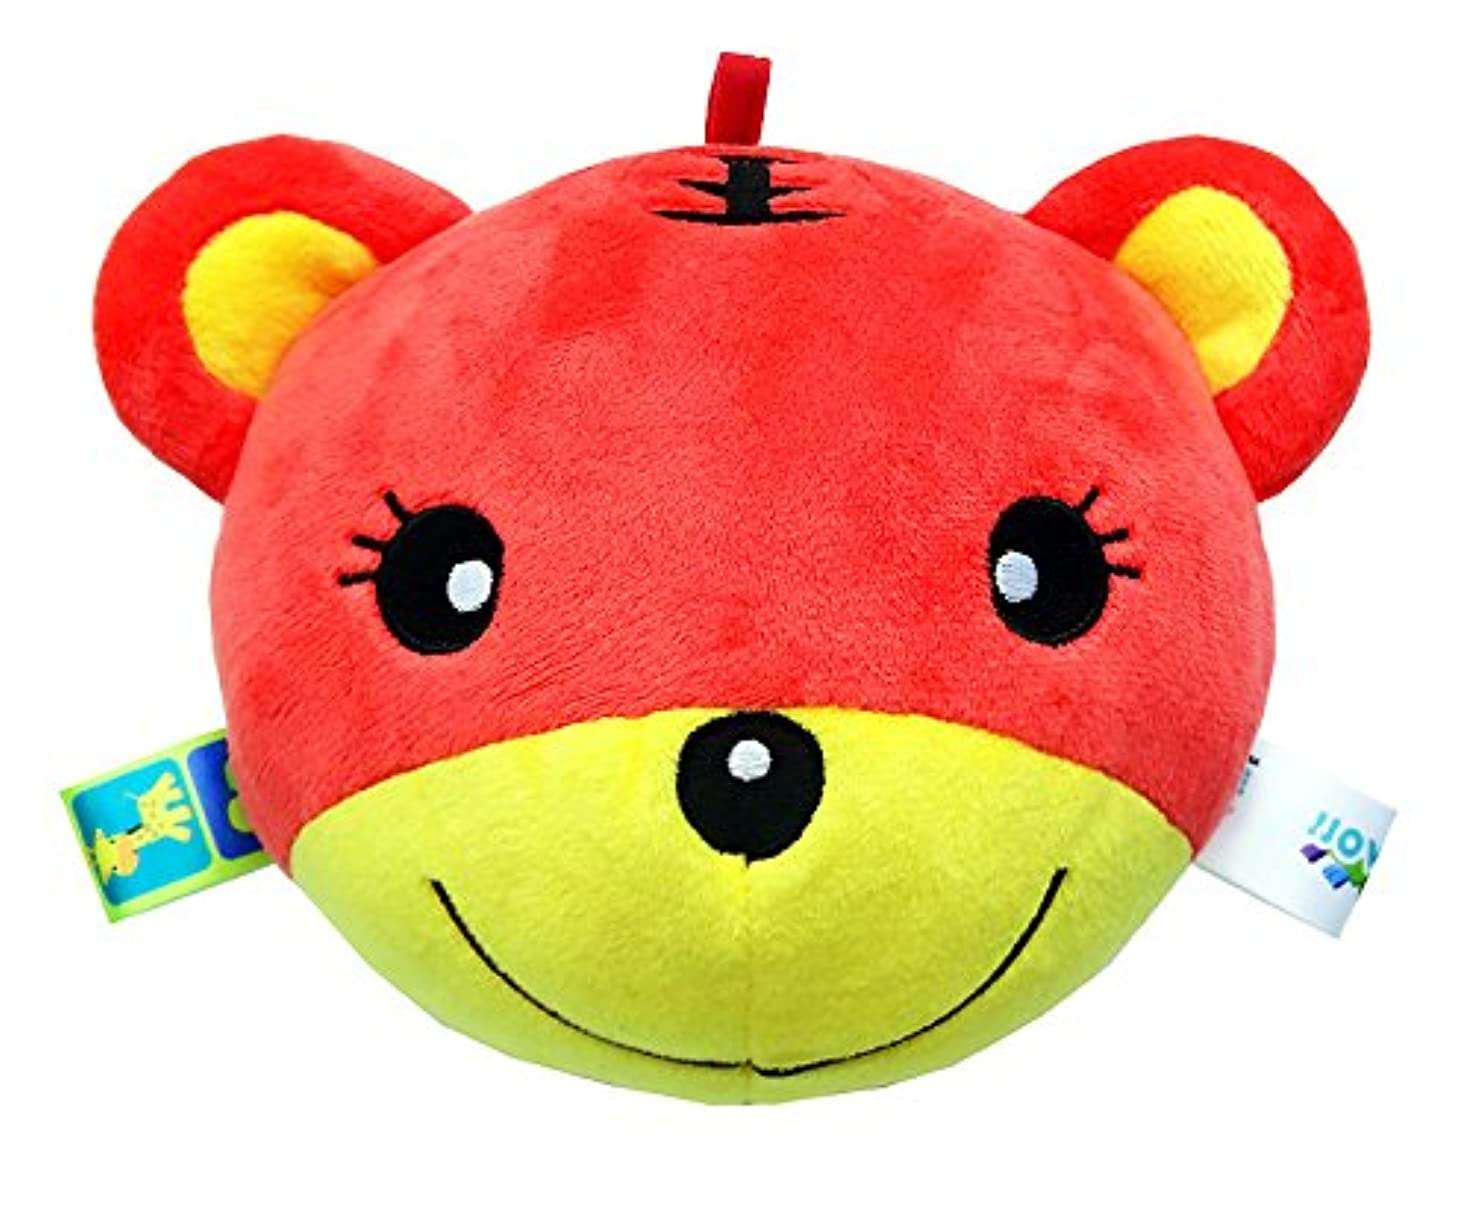 小麦自信があるコードYiping 子供用 知育玩具 赤ちゃん ラブリータイガー ソフトハンドラトル ベル キッズ ベビー 面白いおかしなお菓子ベル ボール おもちゃ ギフト